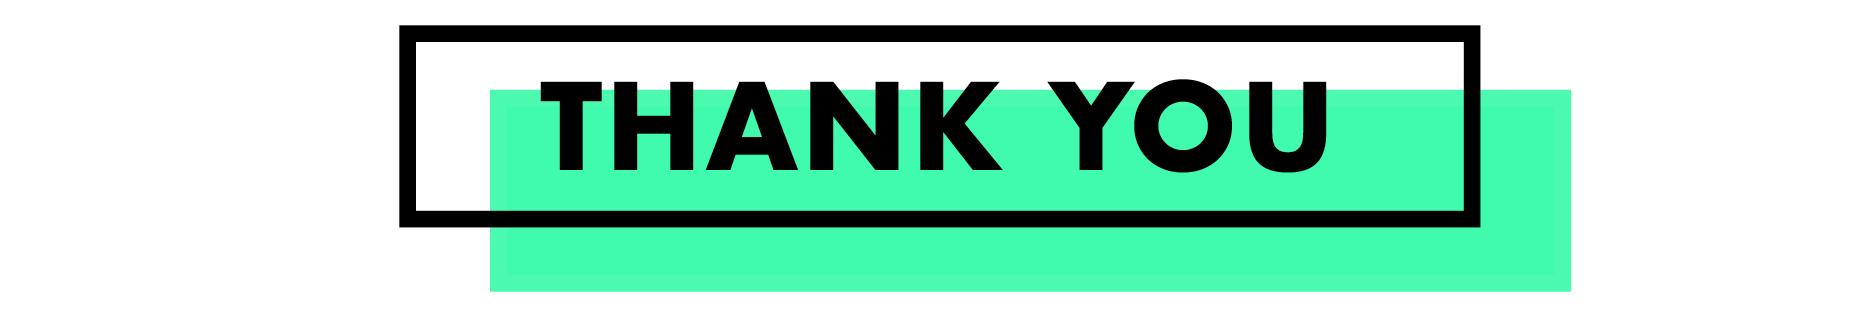 Green_VMFF19_sponsors_thankyou2